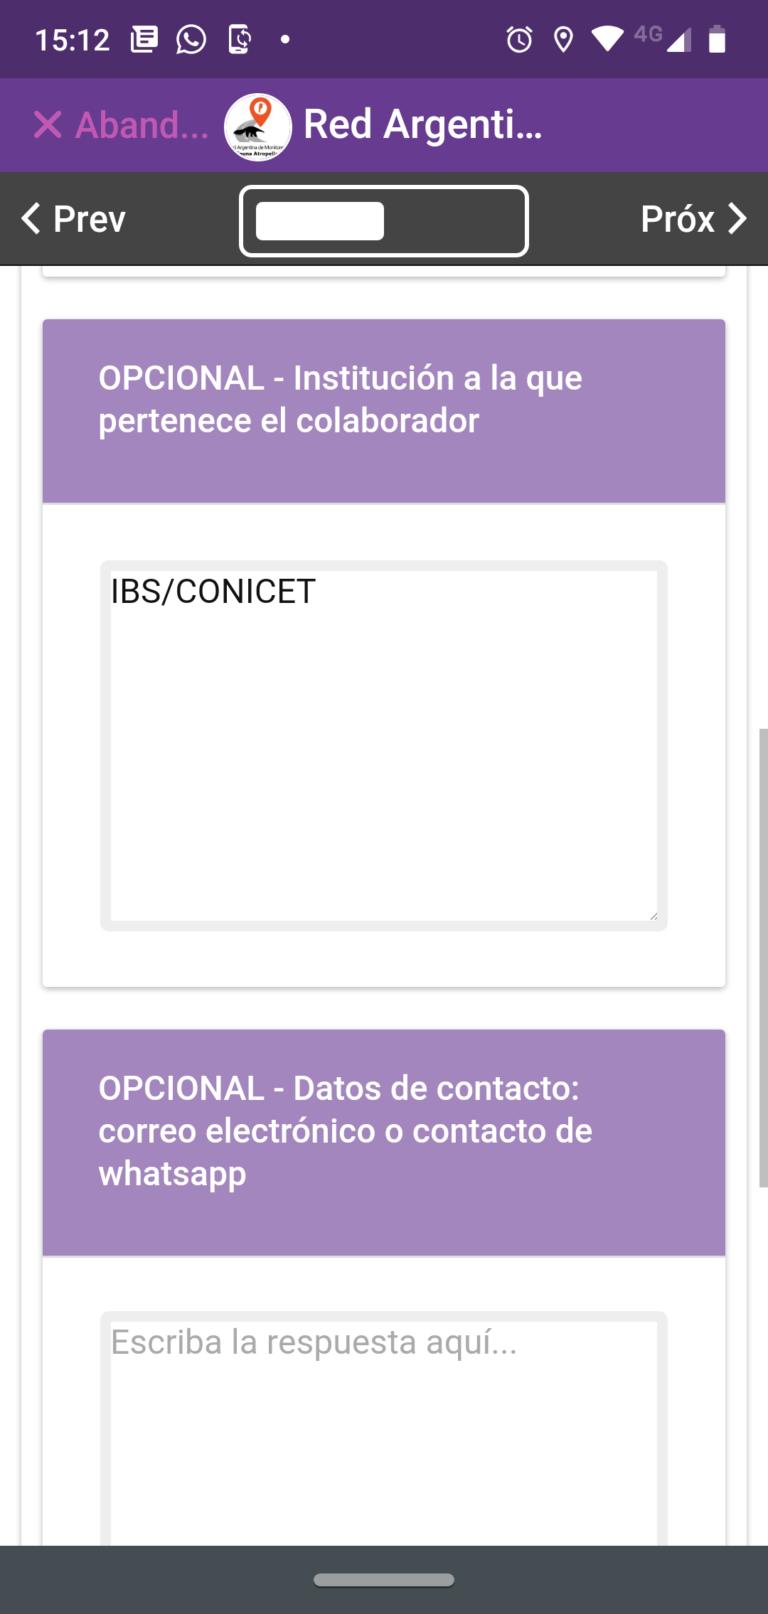 15- Institución y contacto (opcional)